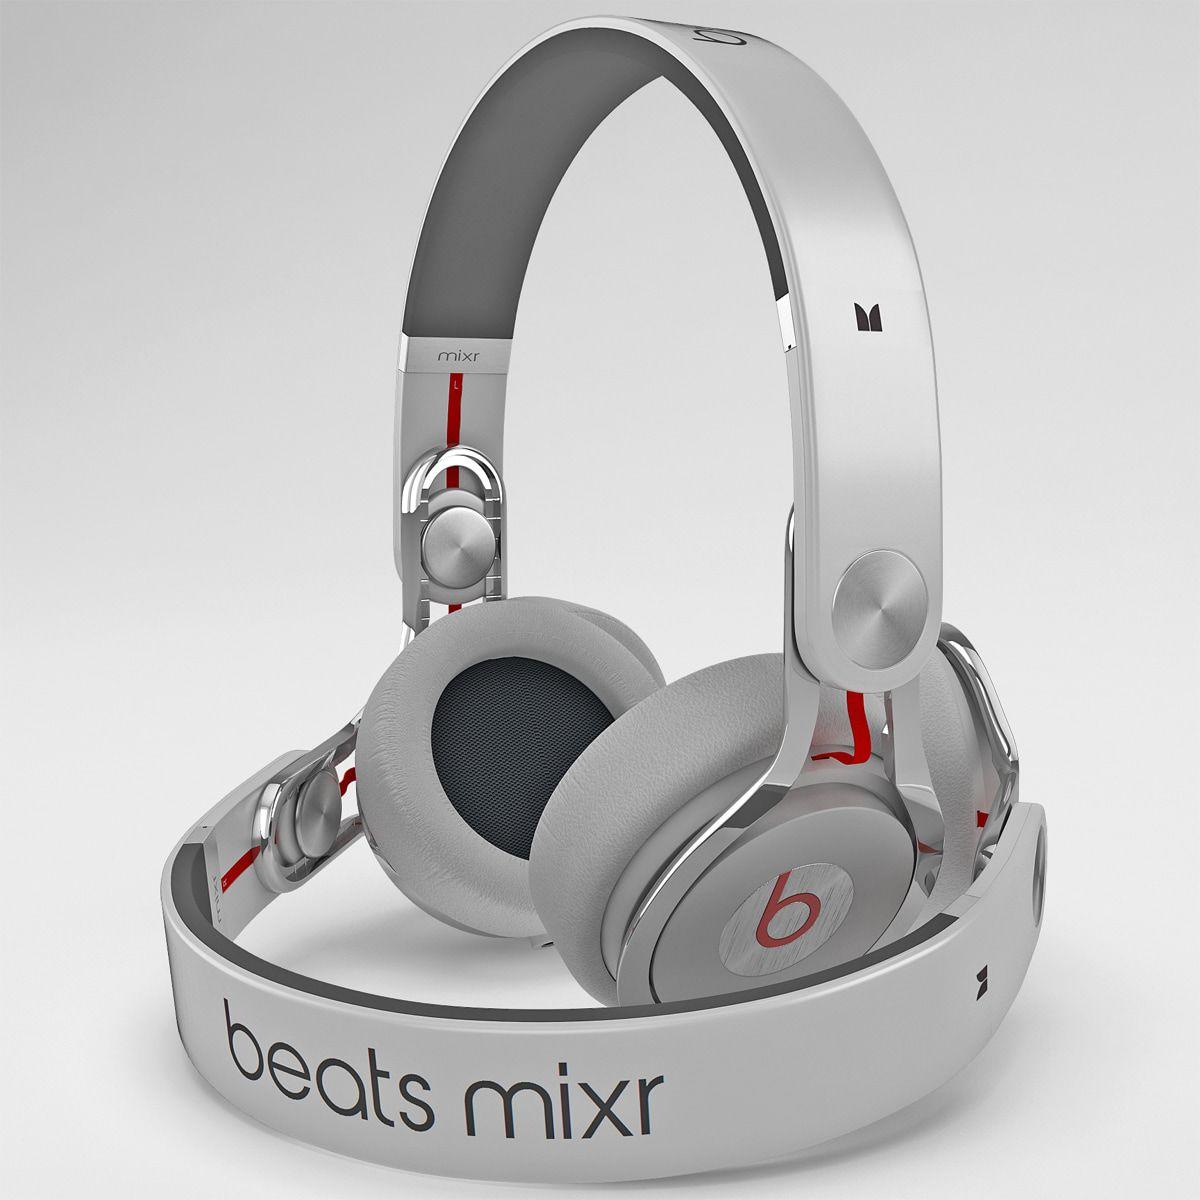 cf1d7868fbd 3D Model Headphones Monster Beats Mixr - 3D Model | Mixr ...